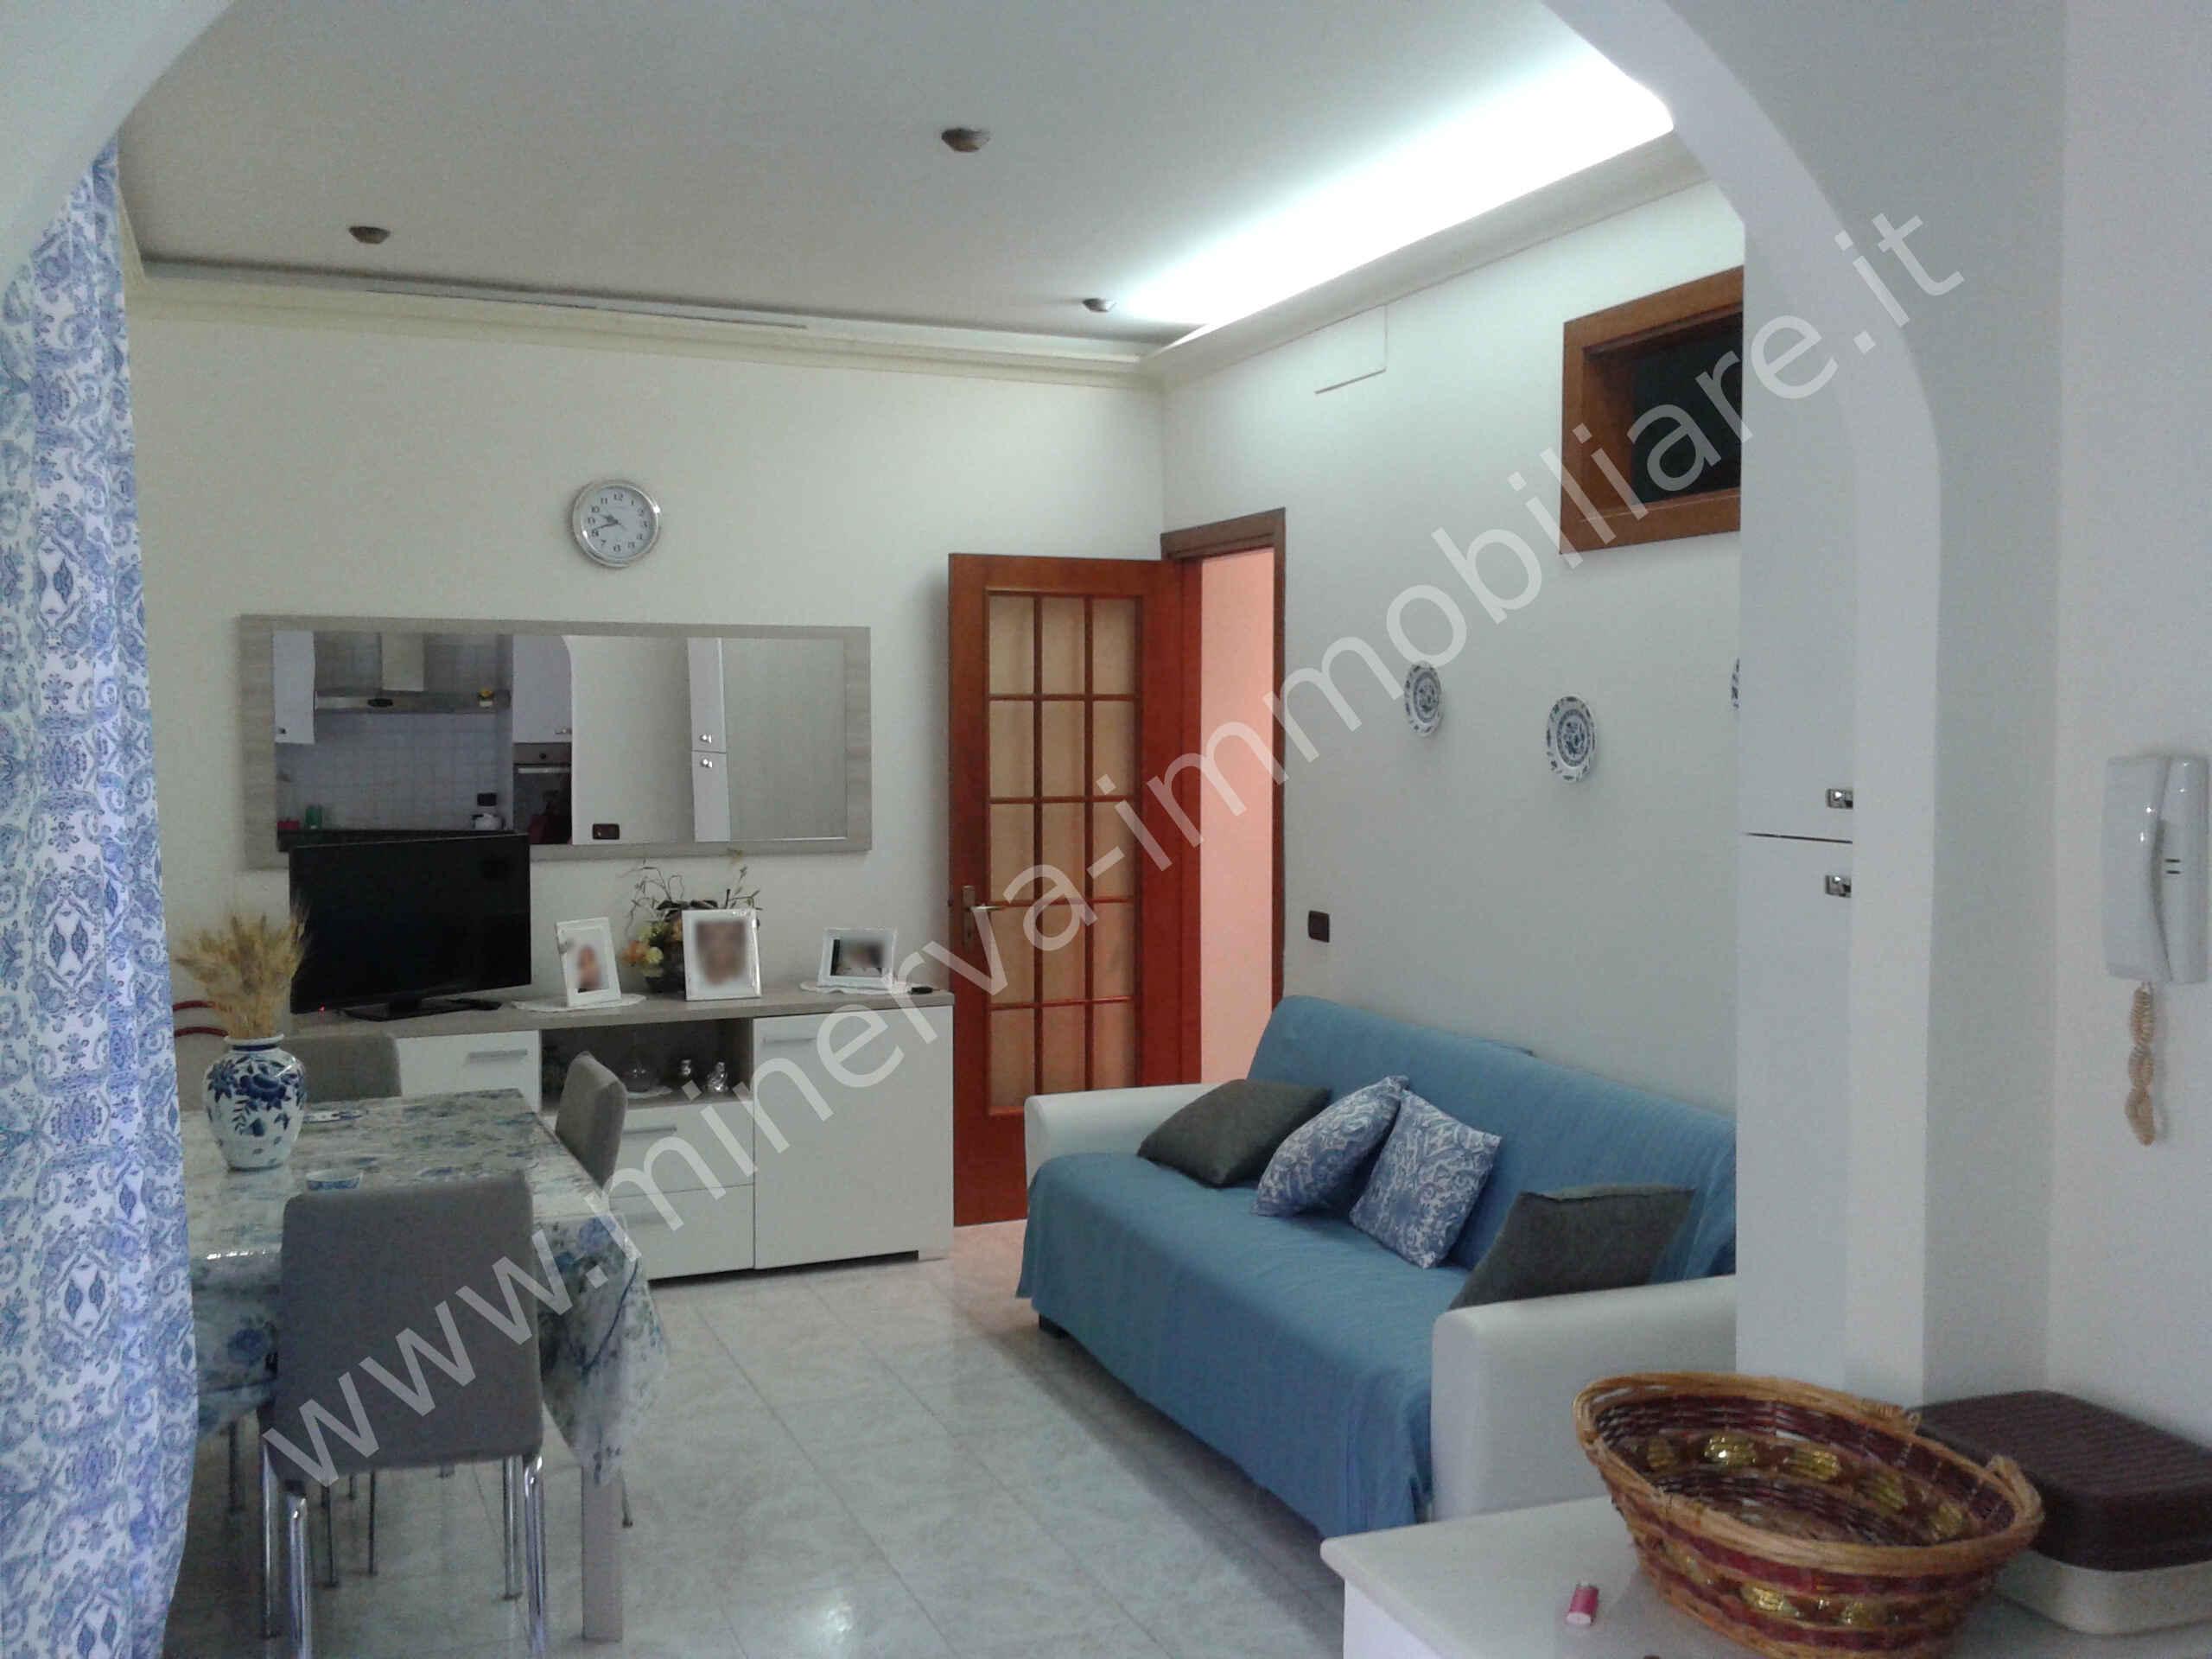 Appartamento indipendente a Lentini